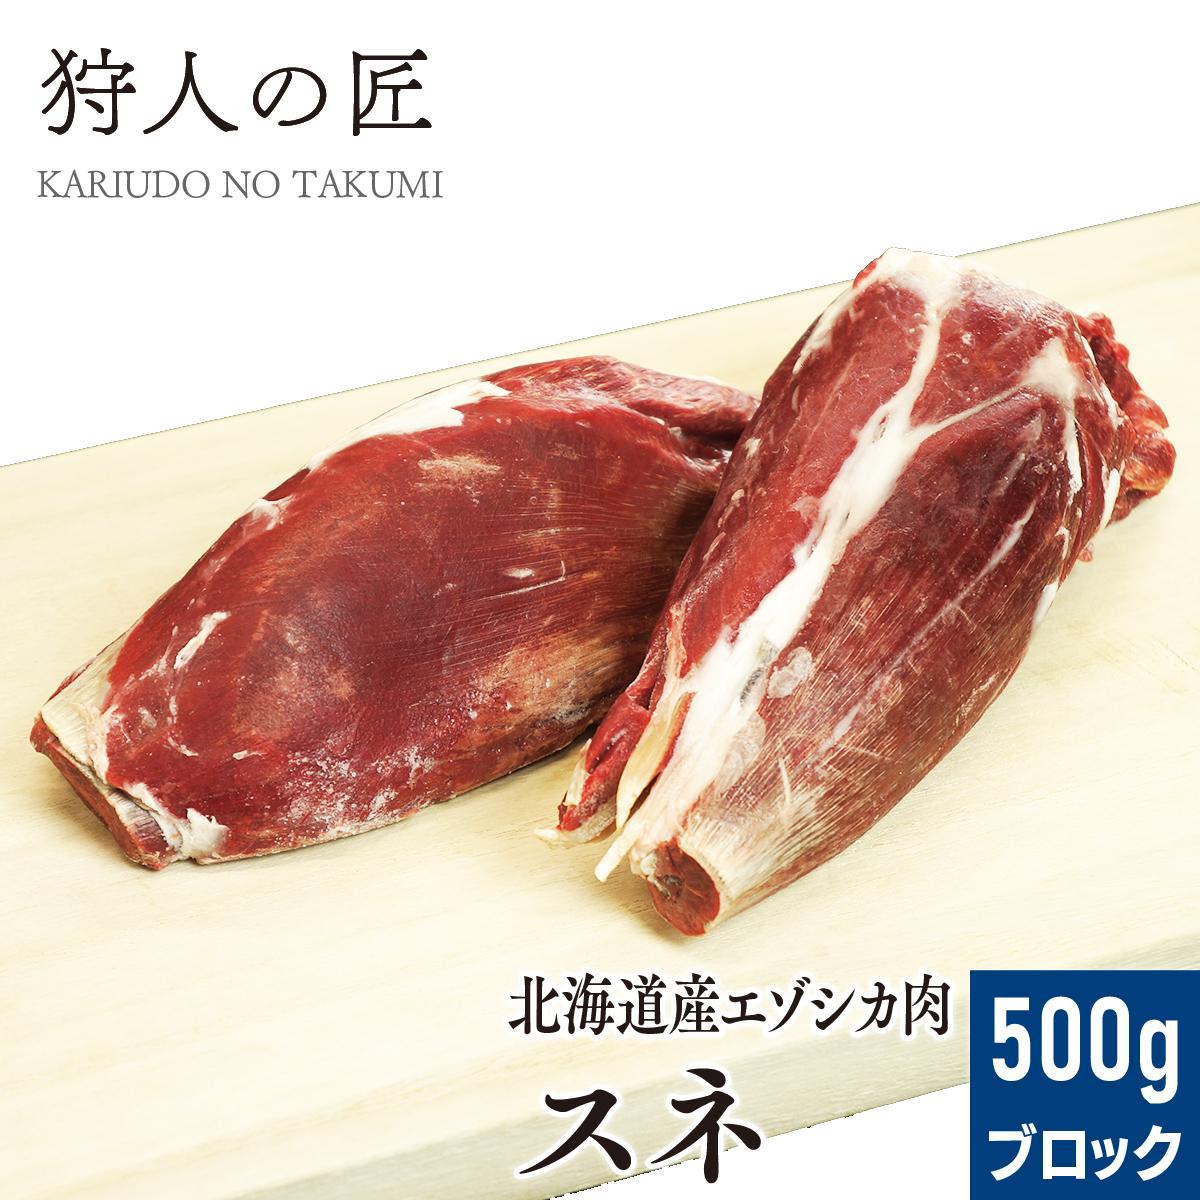 圧力鍋での煮込みやカレーのお供に 北海道稚内産 エゾ鹿肉 スネ肉 500g ブロック 新品 送料無料 エゾシカ肉 与え えぞしか肉 無添加 ジビエ 蝦夷鹿肉